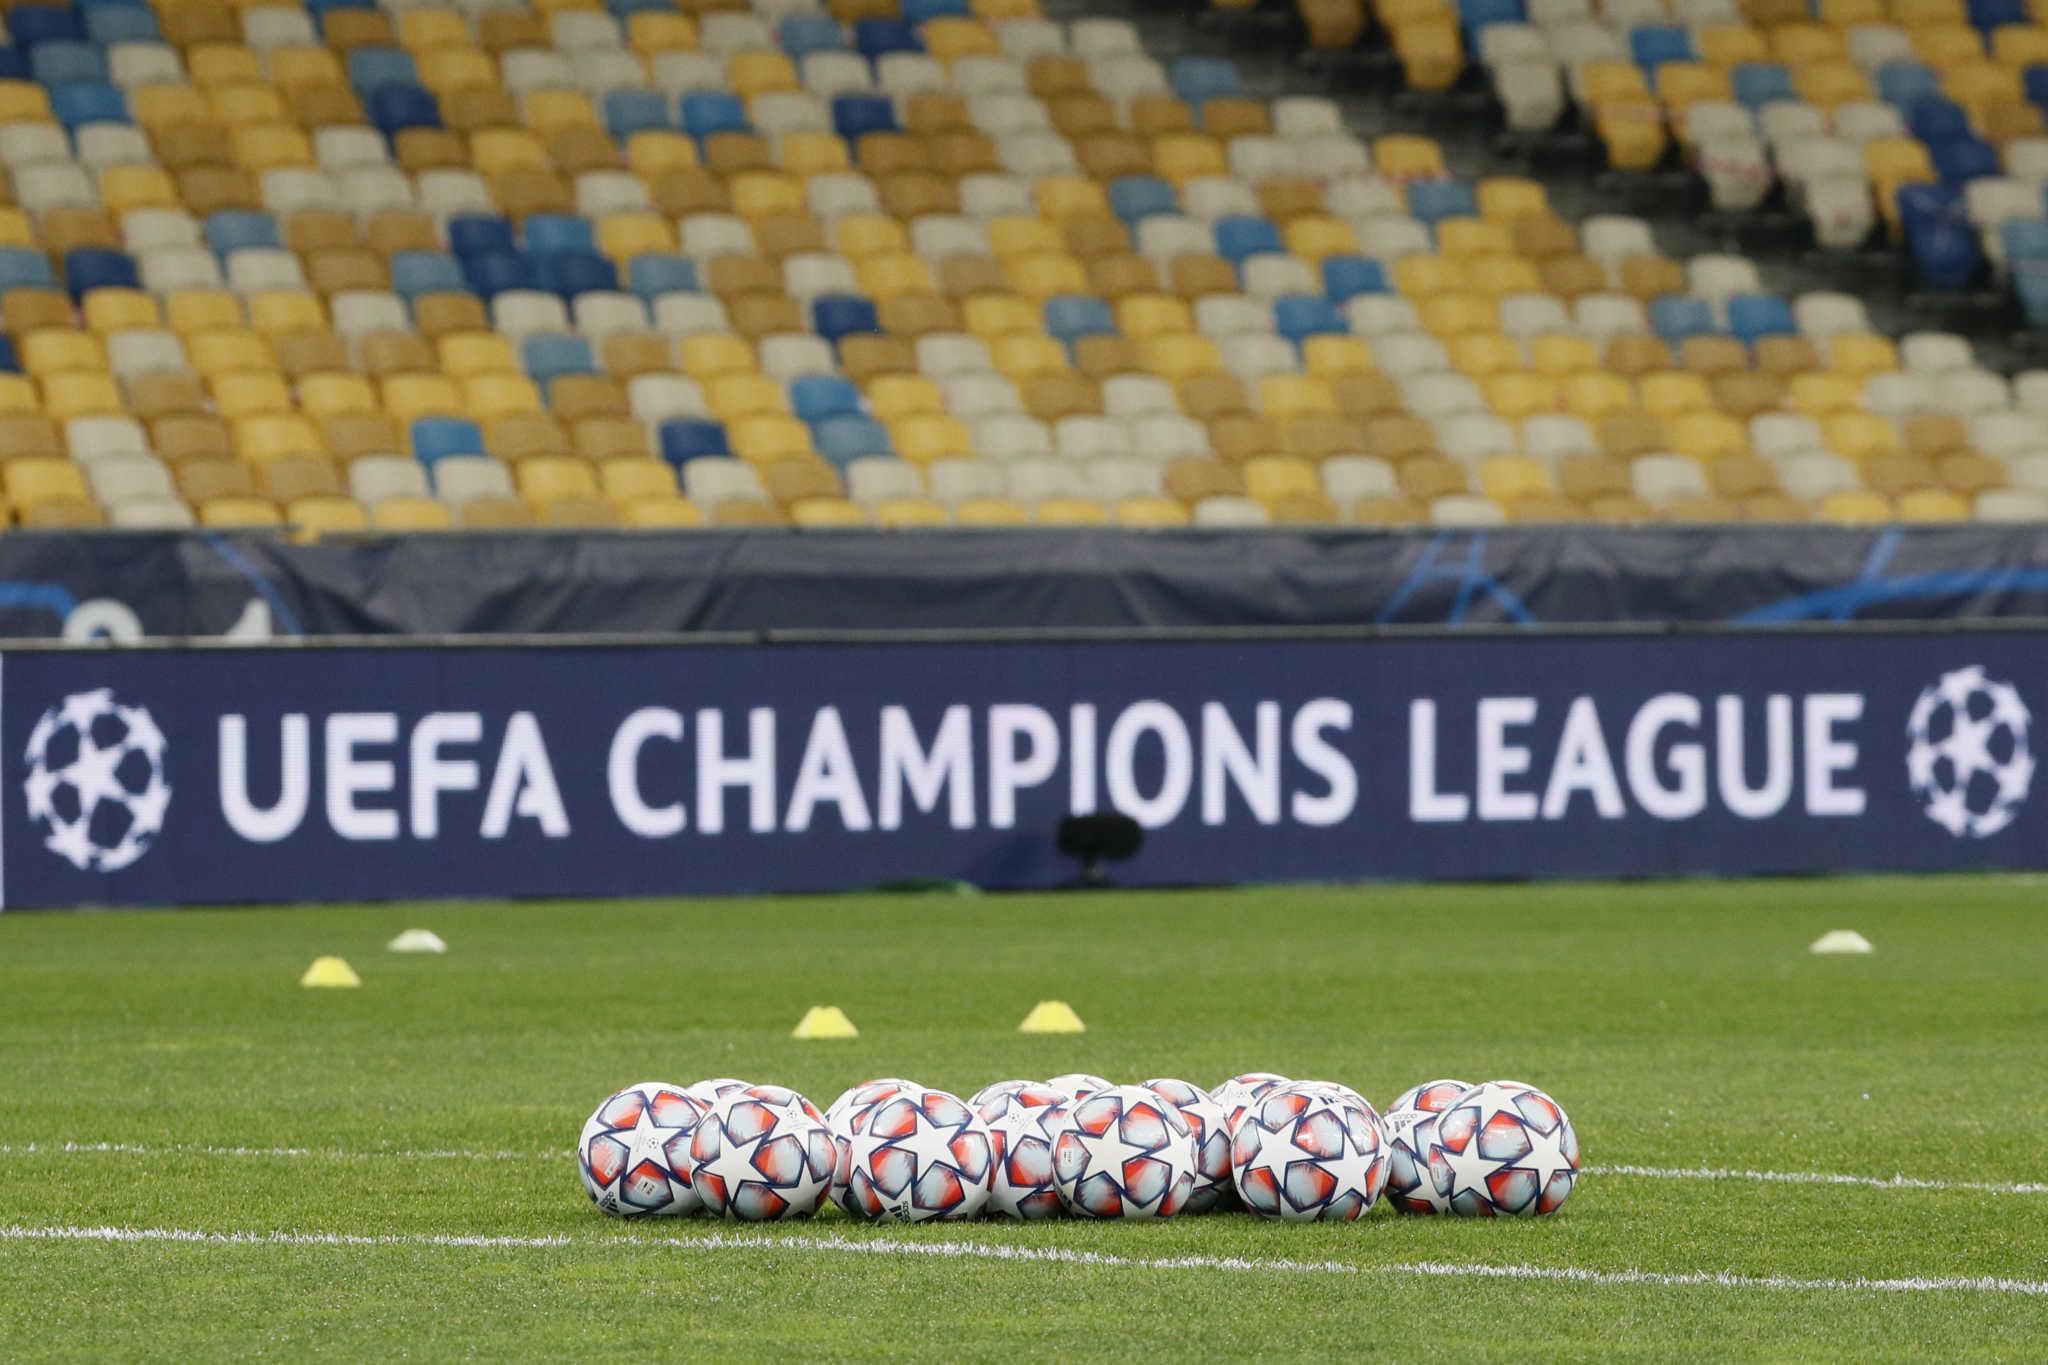 Έρχεται αλλαγή «βόμβα»: Η UEFA θα εξετάσει αύριο (28/05) την κατάργηση του εκτός έδρας γκολ